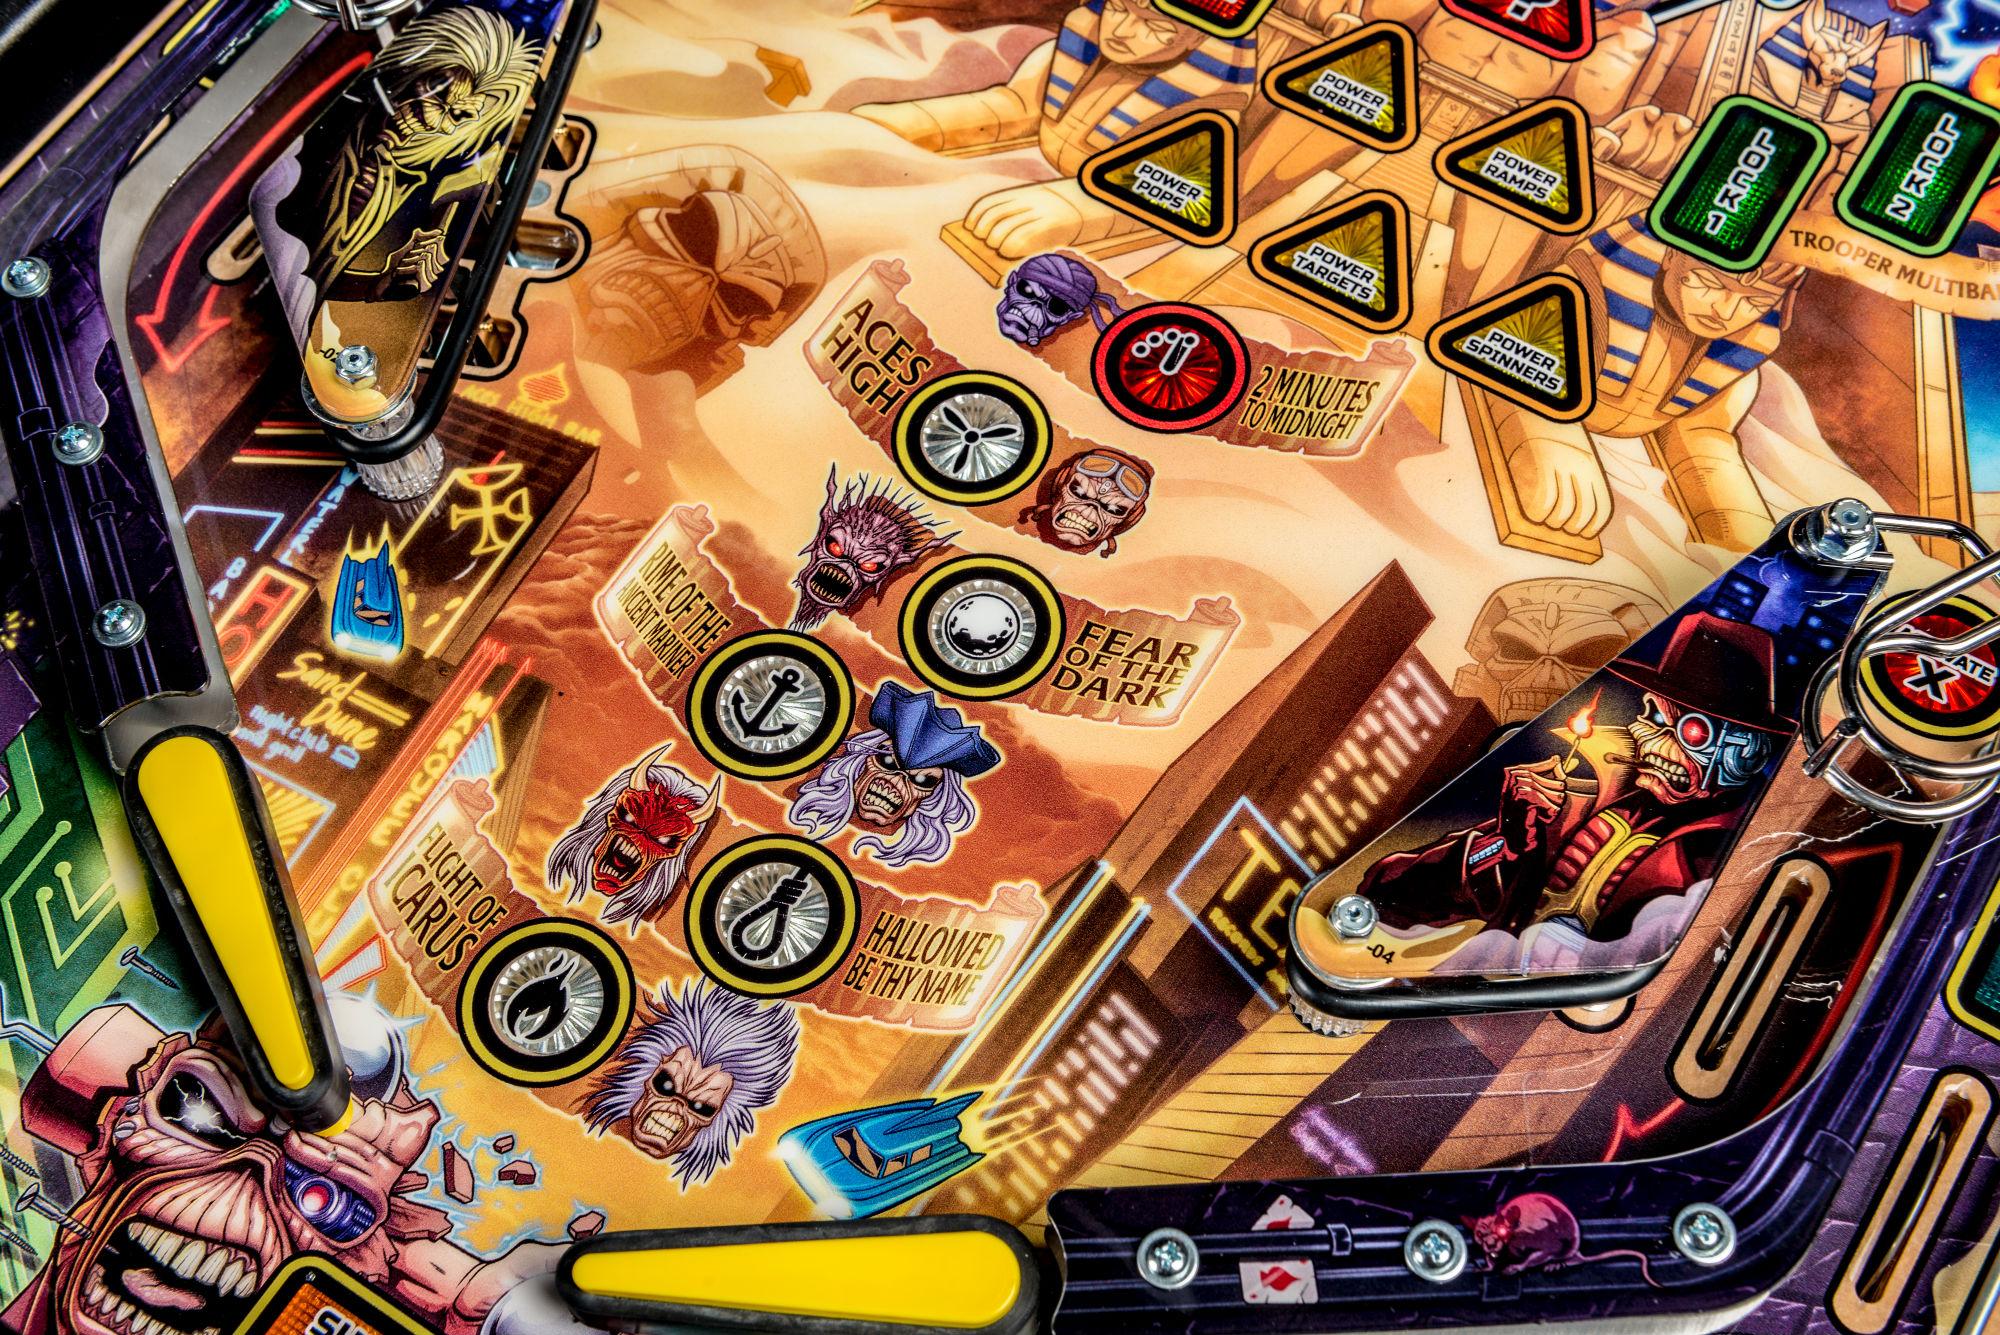 Iron Maiden Pinball Machine 07